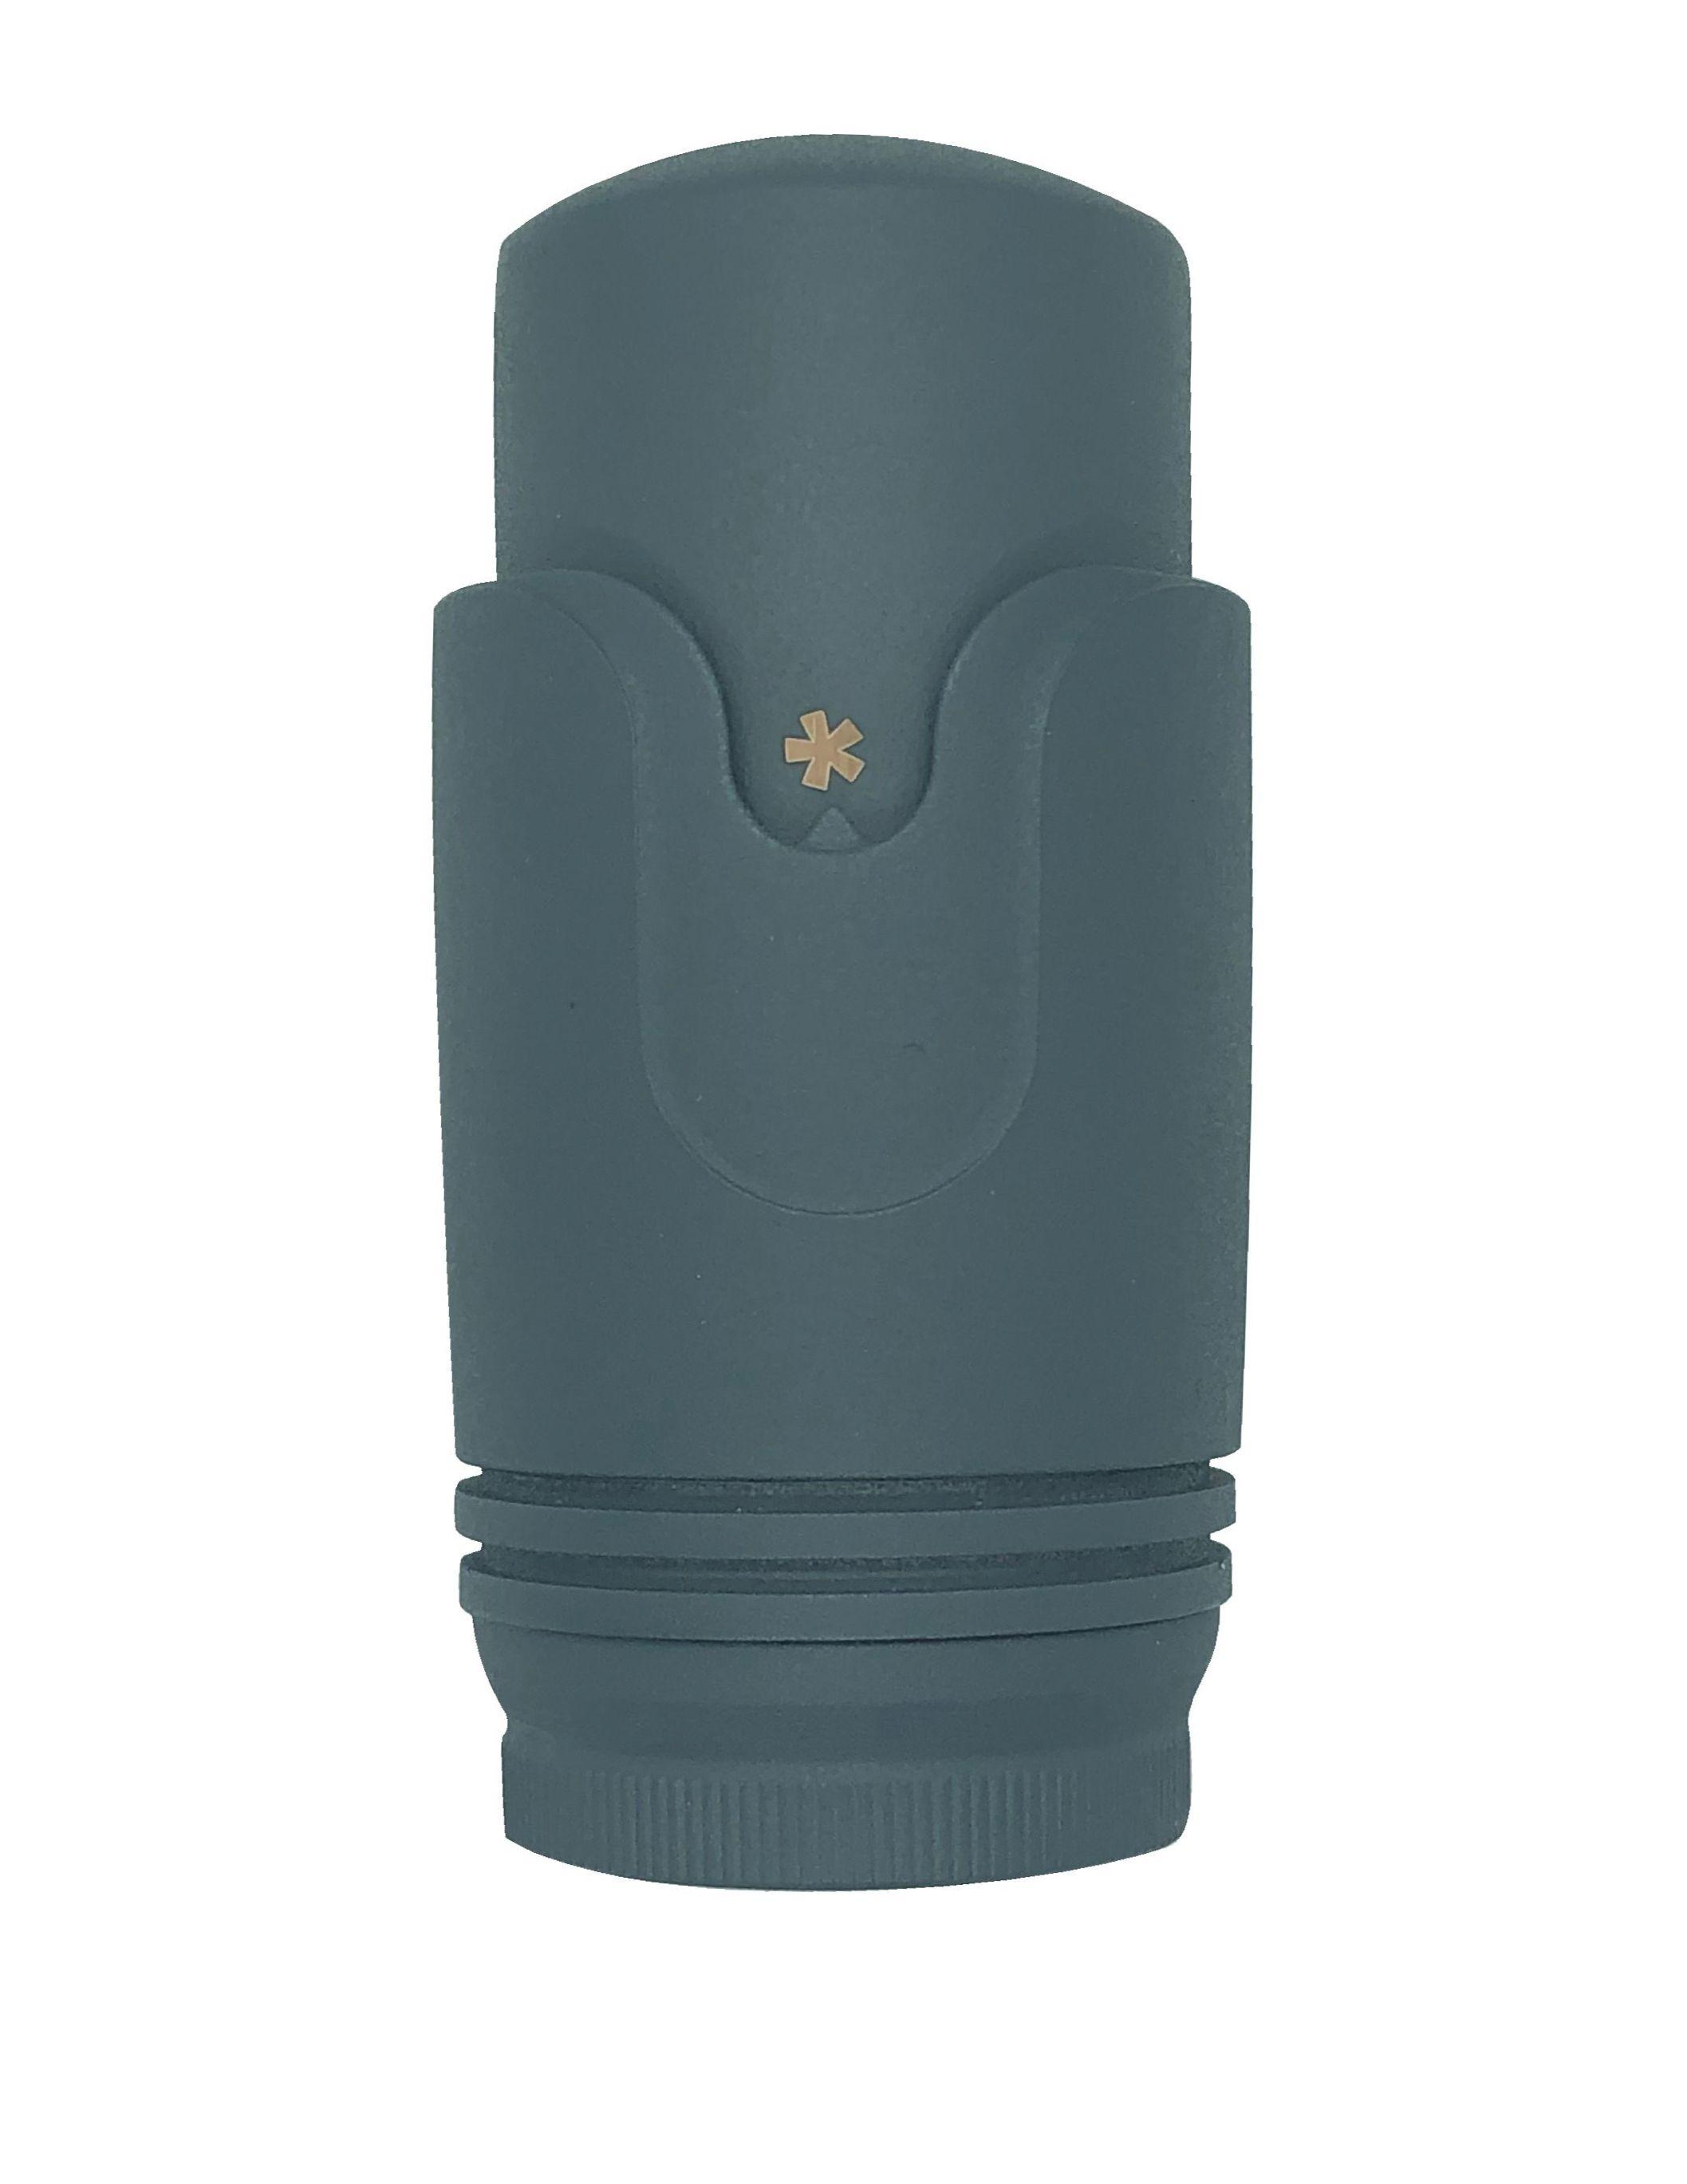 Anschlussgarnitur inkl. Thermostat in anthrazit (Mittelanschluss)